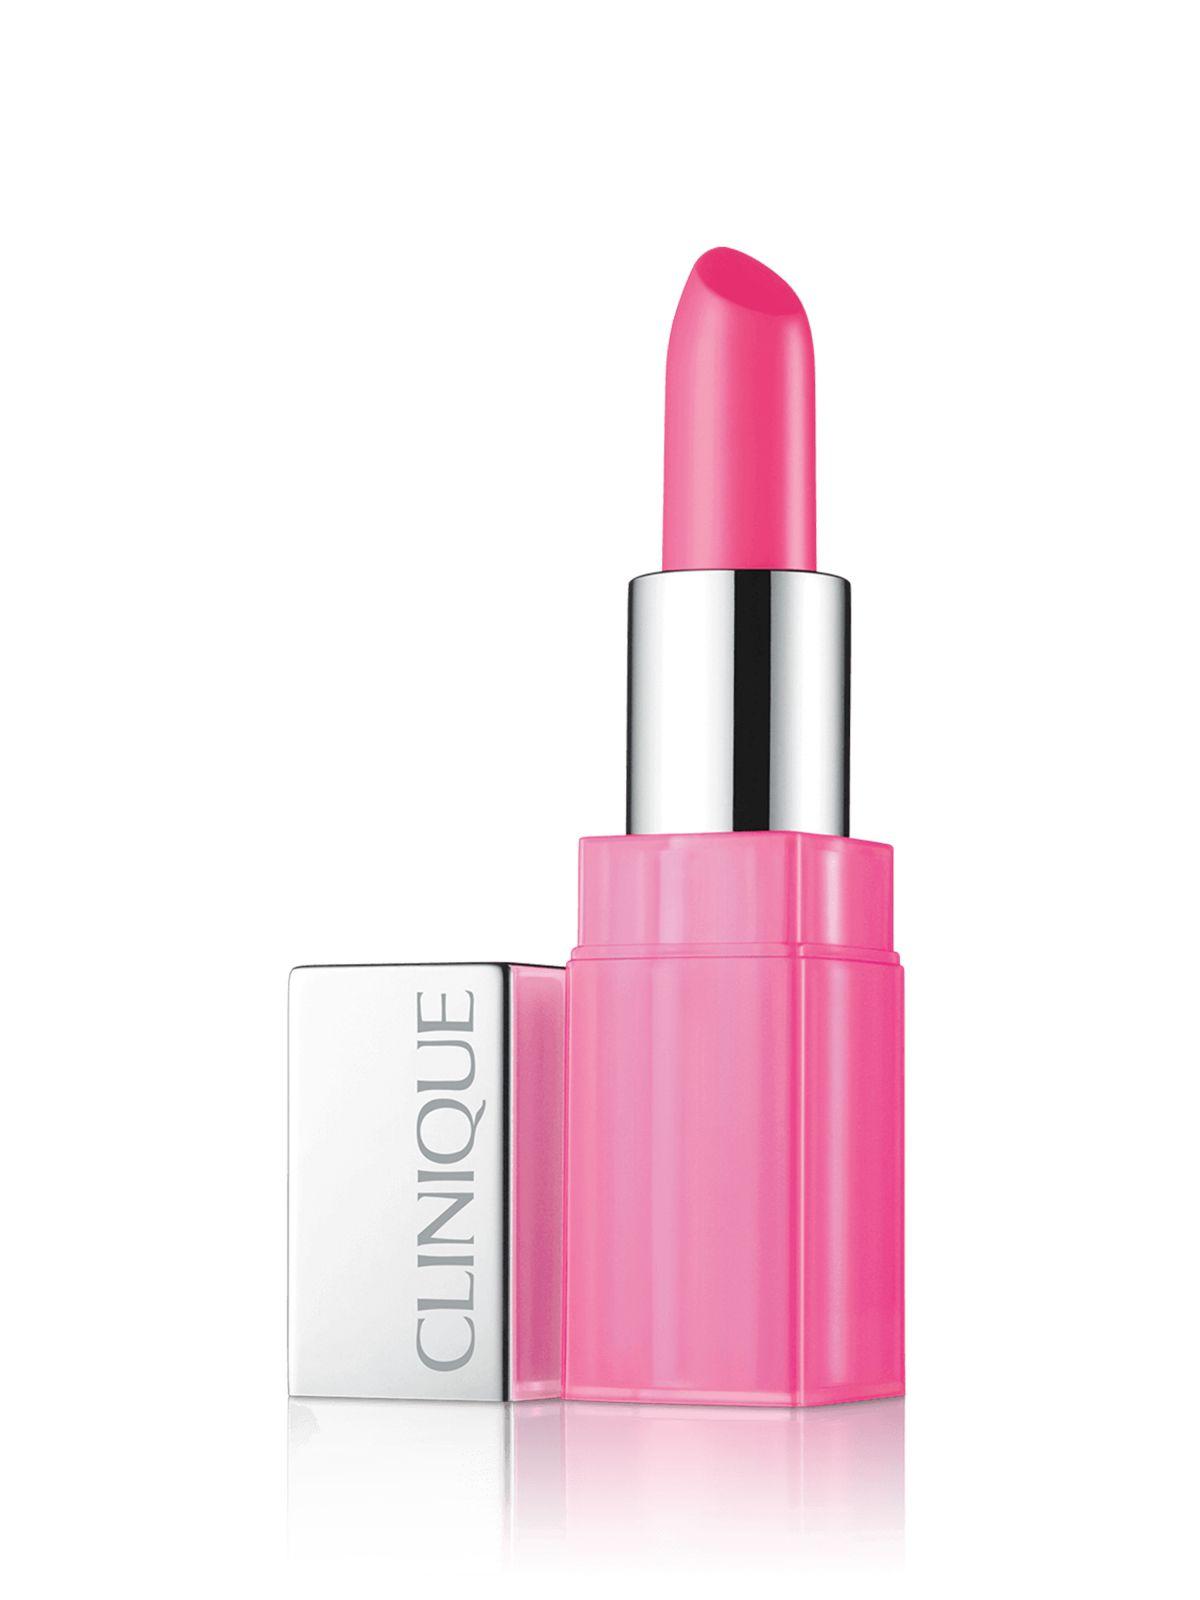 שפתון Pop Glaze Sheerשפתון Pop Glaze Sheer של CLINIQUE